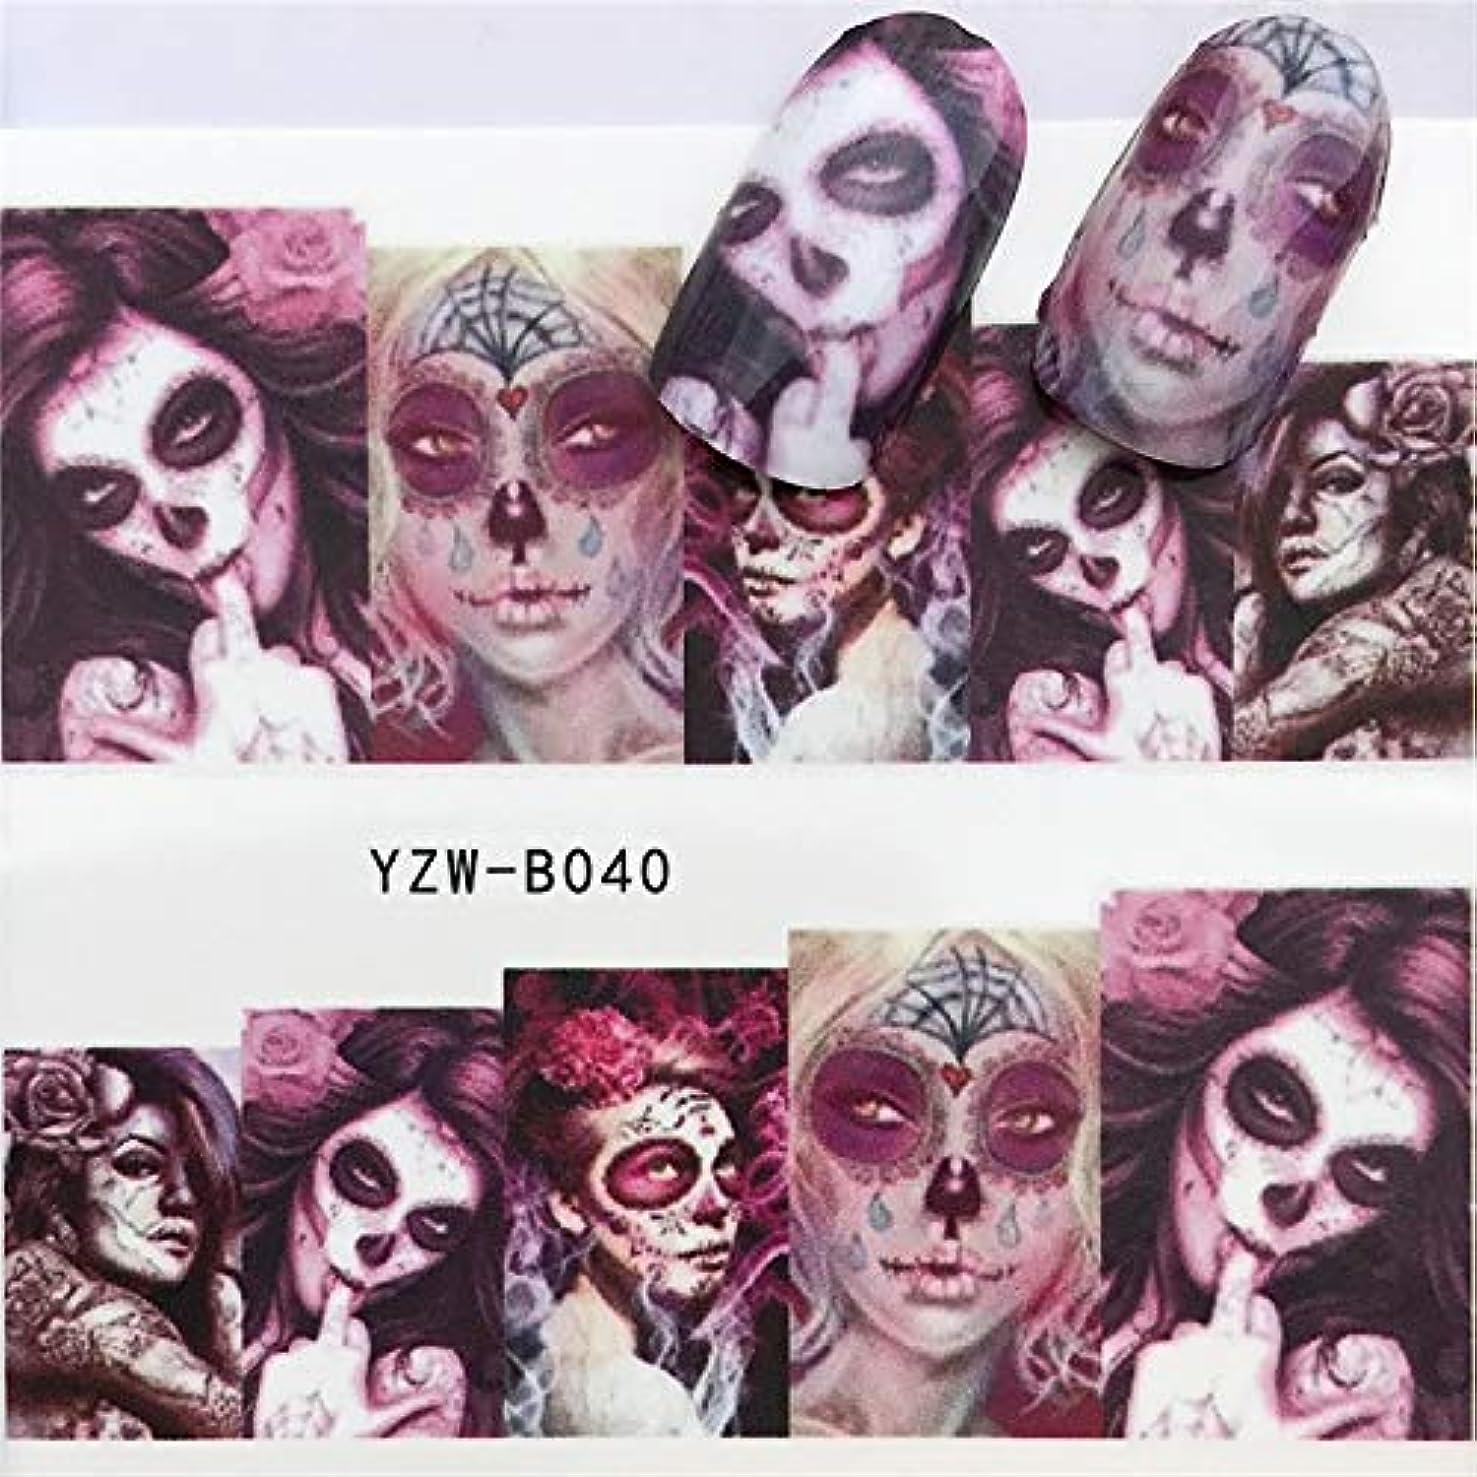 アルバムステージ早めるネイルアート用品 高品質3ピースネイルステッカーセットデカール水転写スライダーネイルアートデコレーション、色:YZWB041